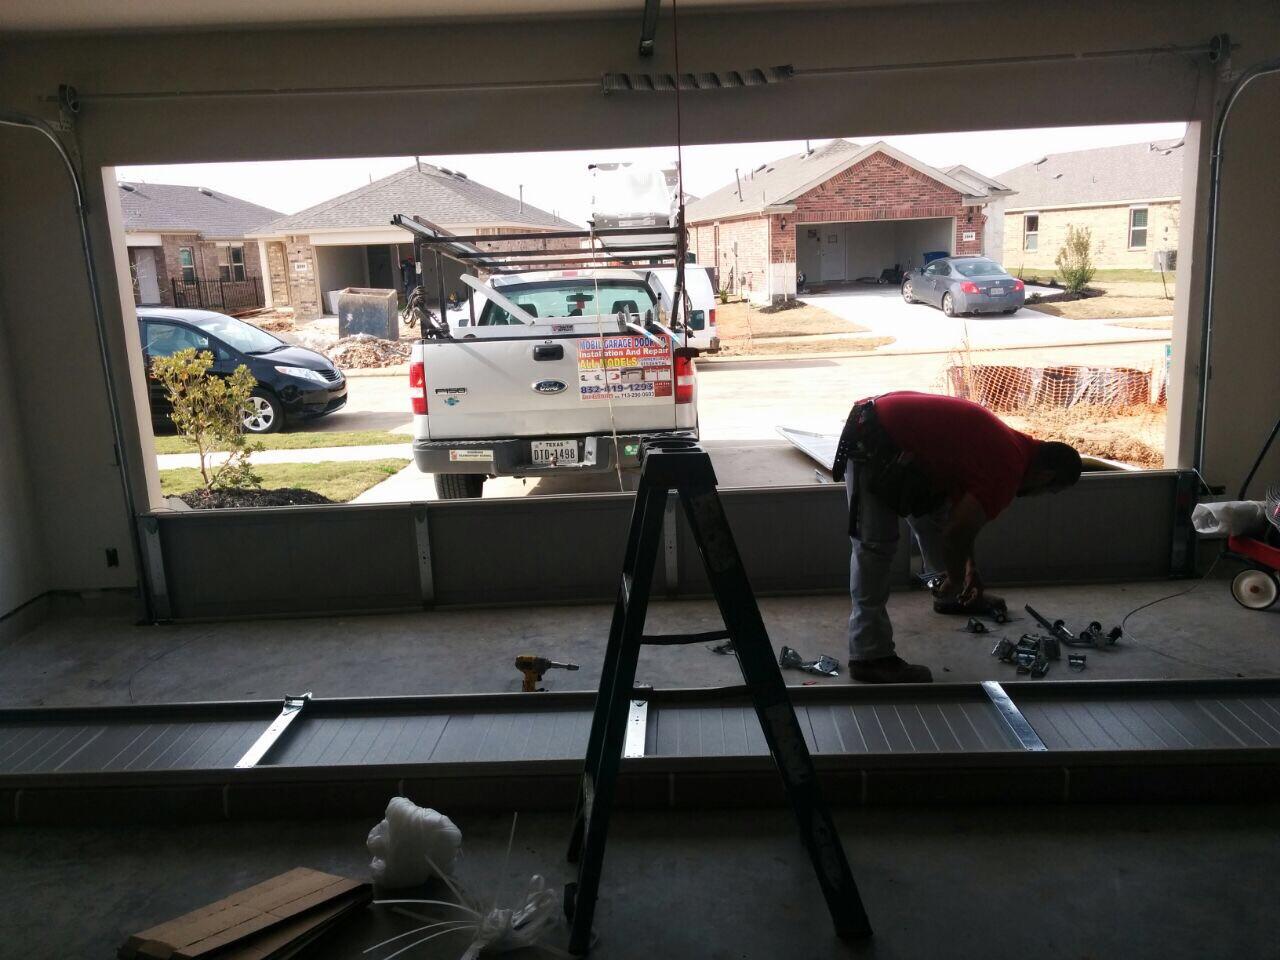 Door off track garage door repair montclair nj for Garage door repair in kissimmee fl